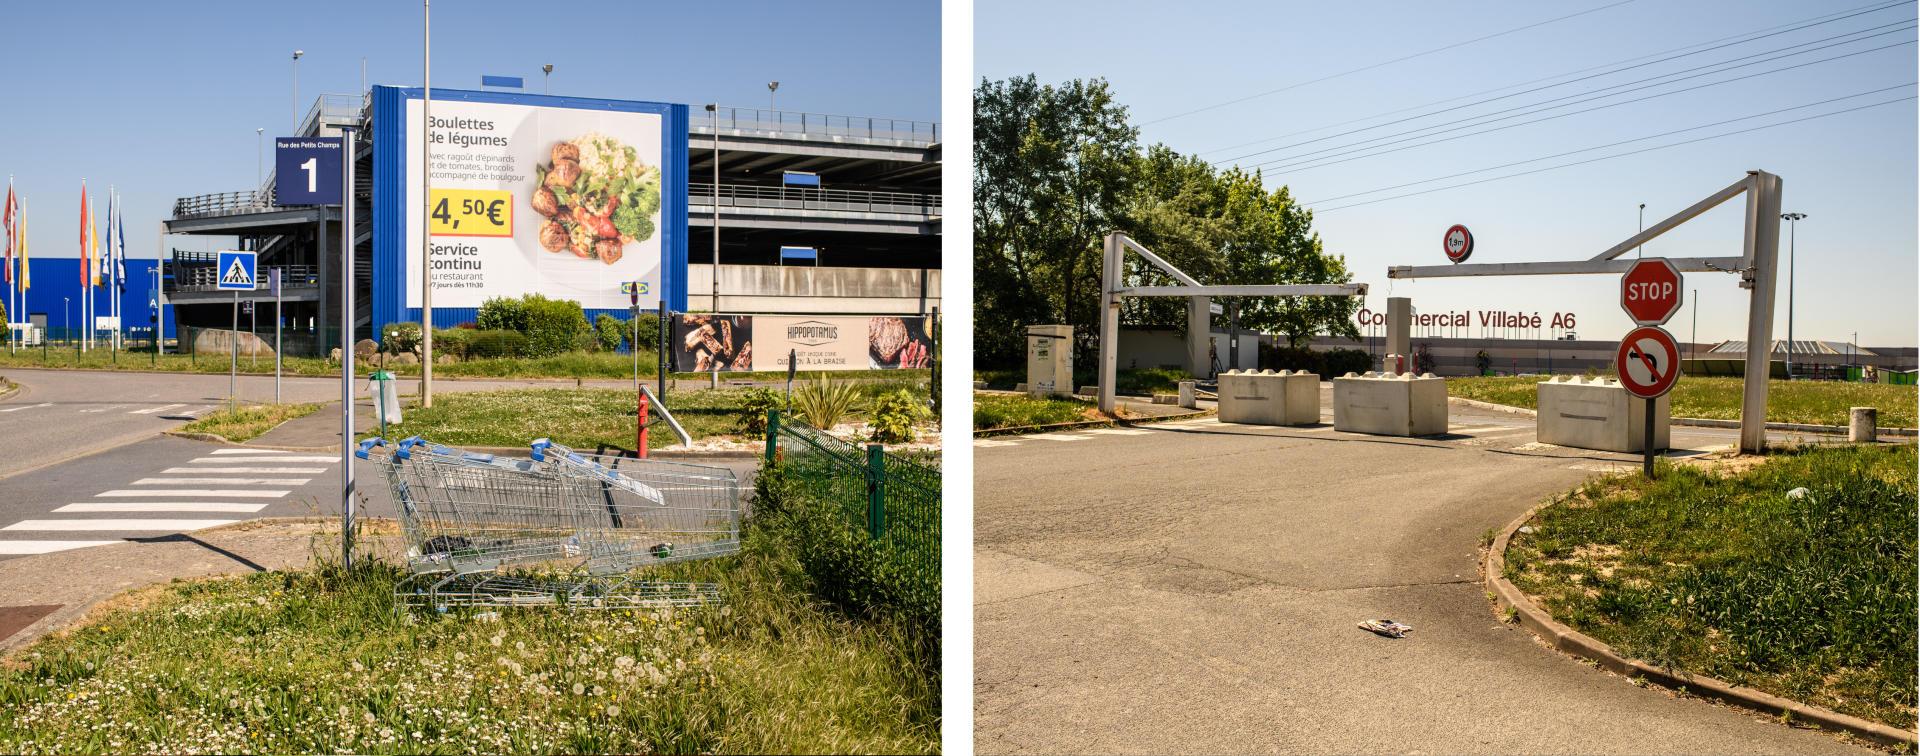 Au bord de l'A6, unmagasin Ikea, d'habitude très fréquenté. Un peu plus loin, la zone commerciale de Villabé.